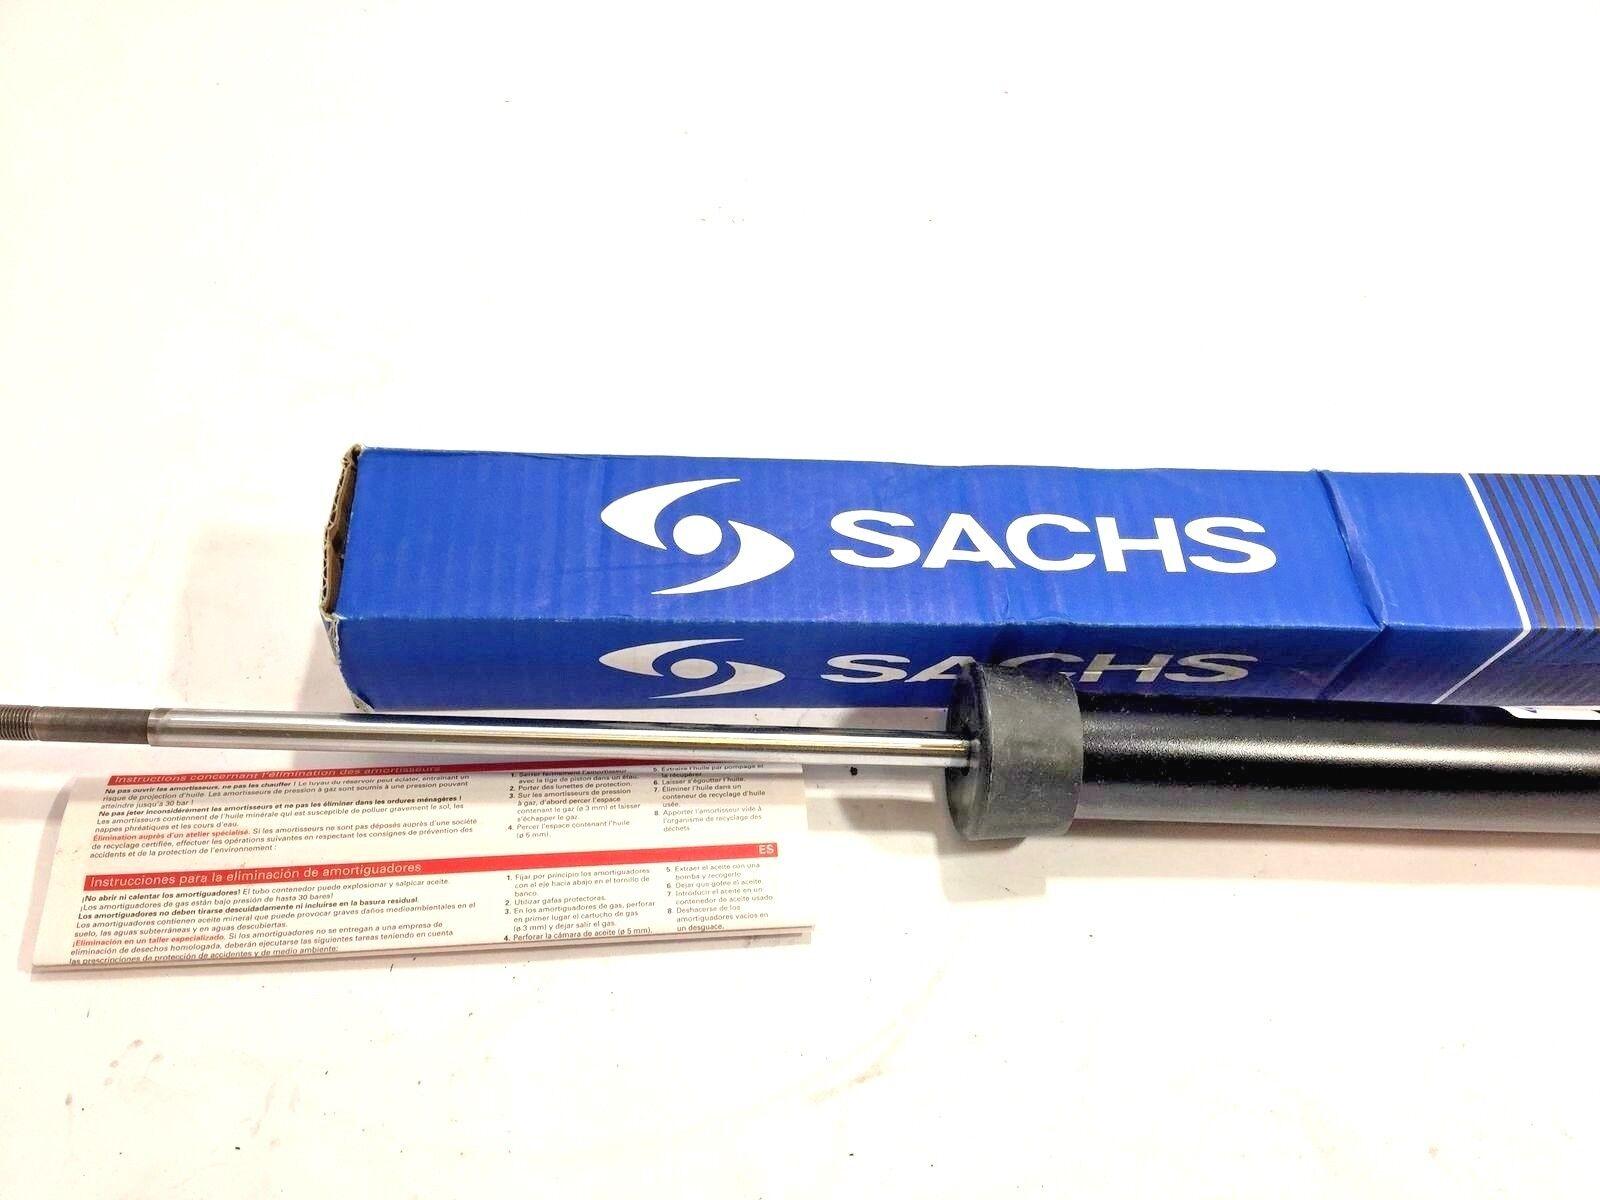 Sachs 556 882 Amortisseurs Set de 2